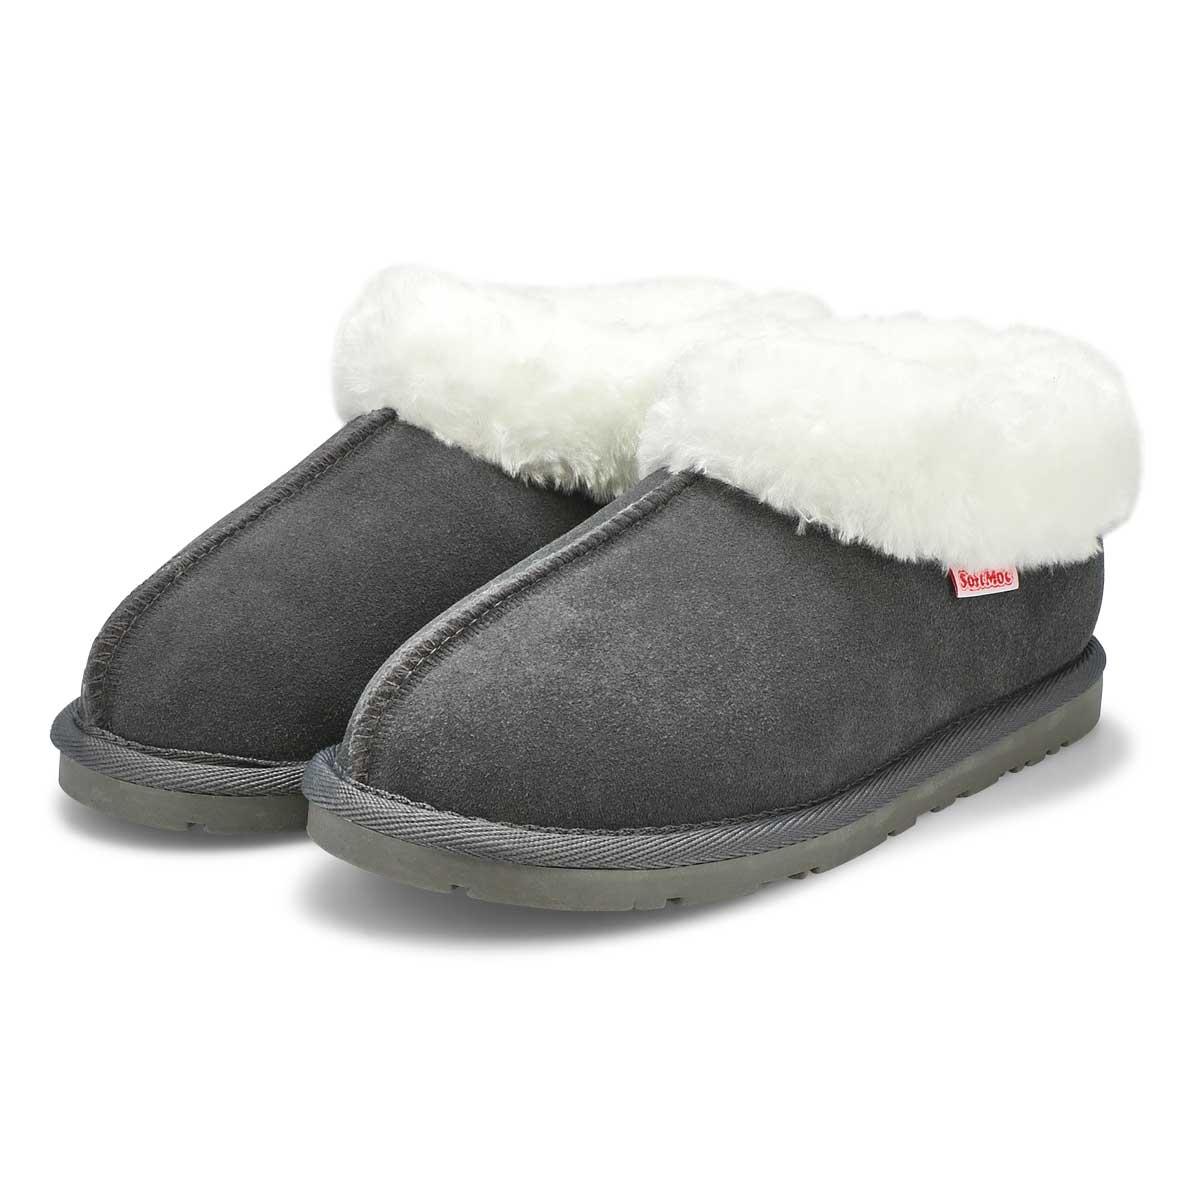 Pantoufles en suède SAVANNA, gris, femmes